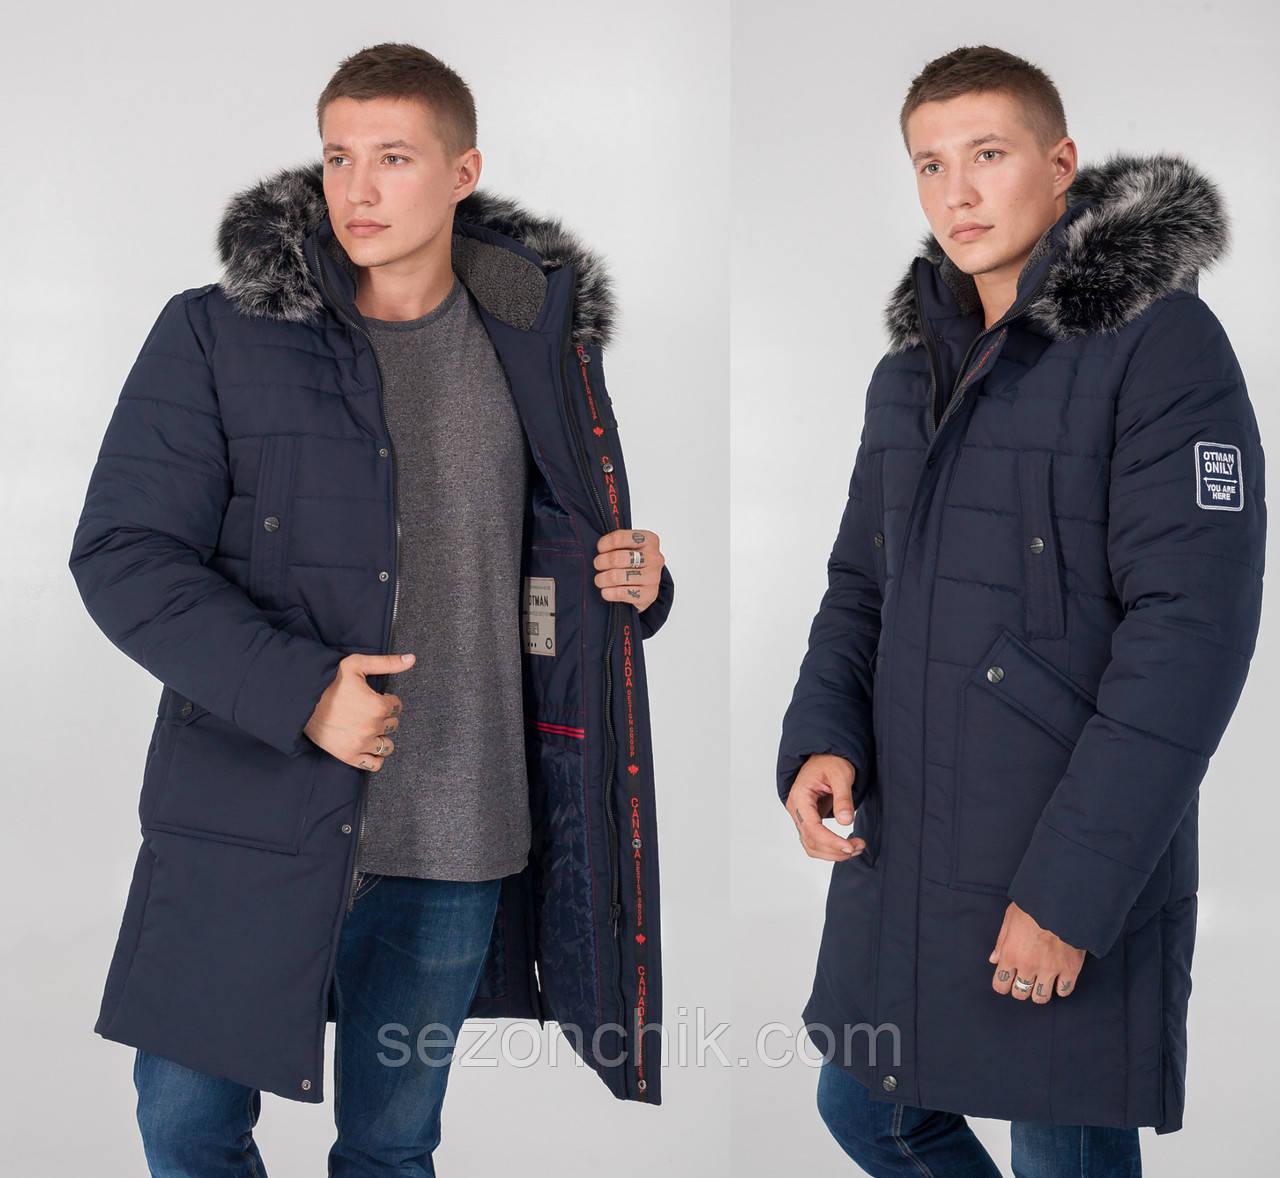 Куртки зимние мужские с мехом интернет магазин